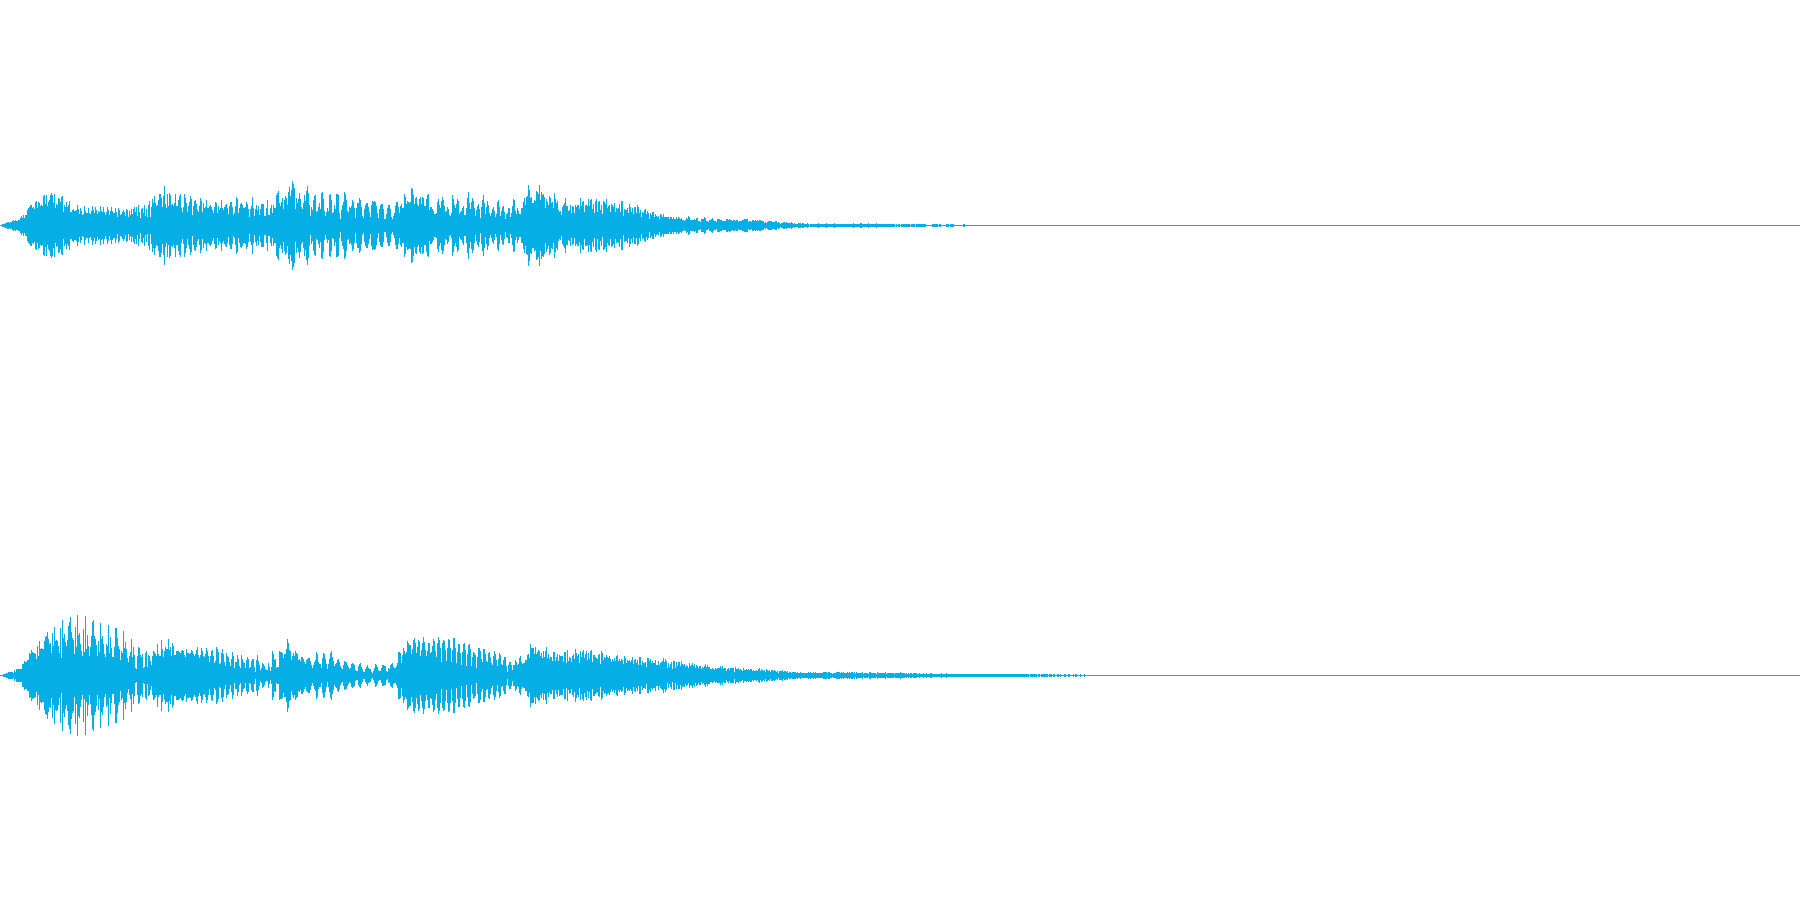 正解!の時のジングル その3の再生済みの波形